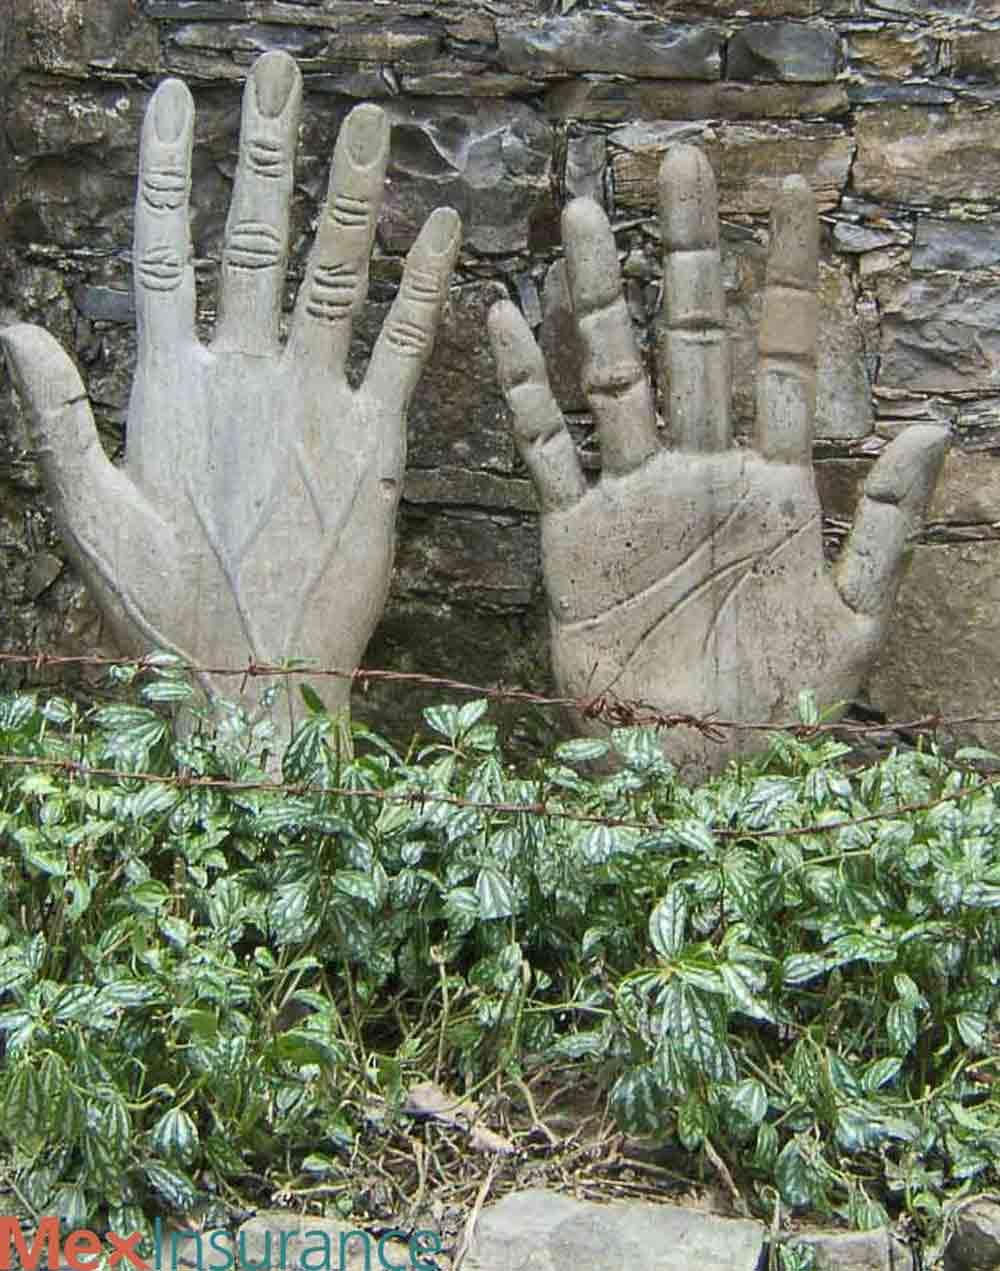 Hands Sculpture in Xilitla